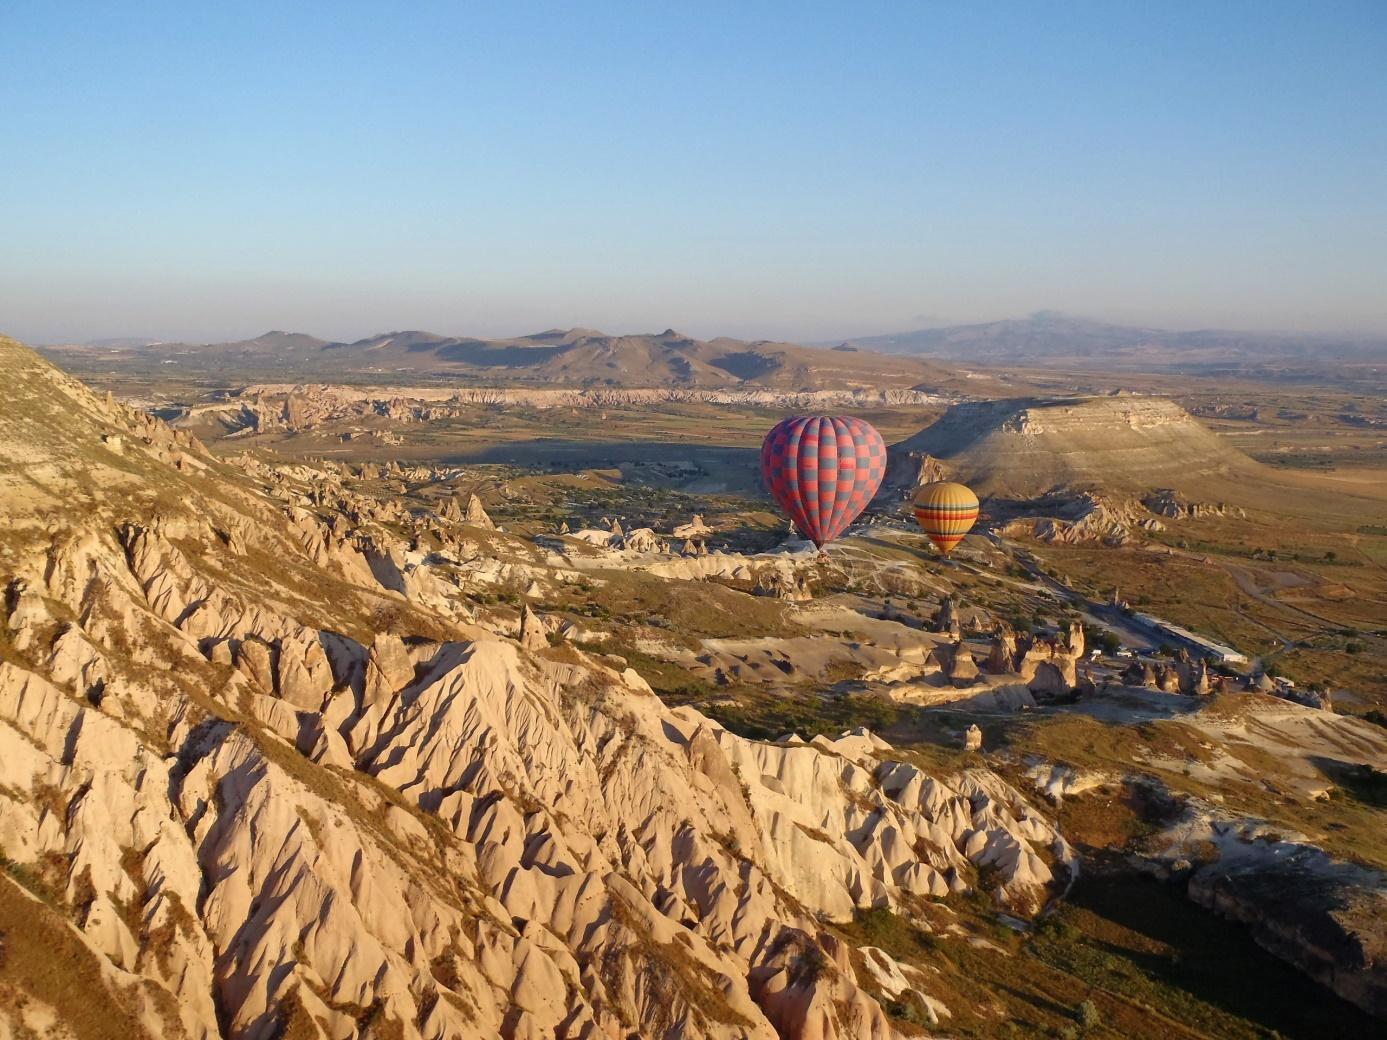 C:\Users\Administrator\Documents\Documents\Putovanja\PUTOPISI\TURSKA\4\Turska 4\Slike\10.jpg